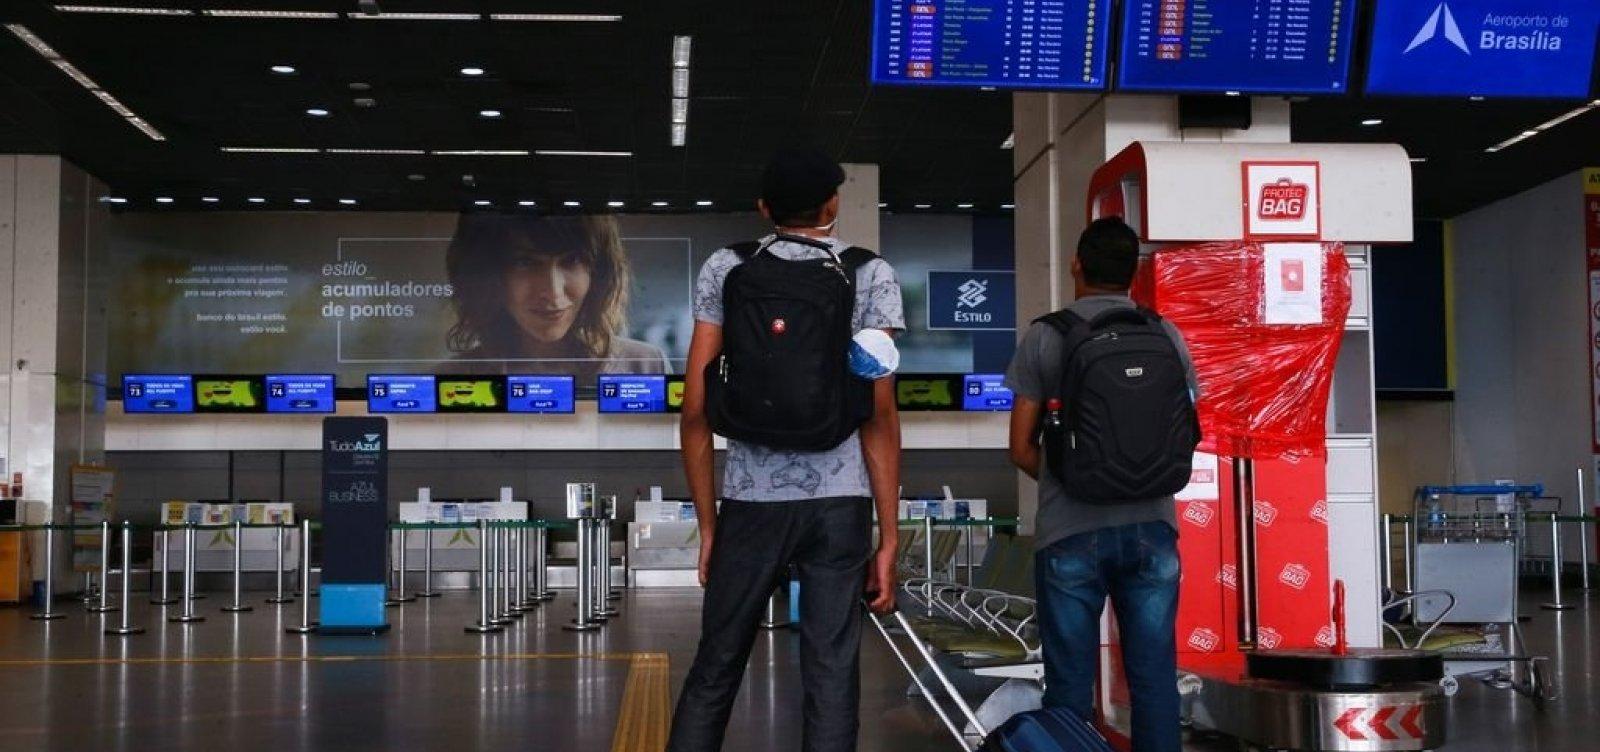 Itália anuncia suspensão de voos vindos do Brasil